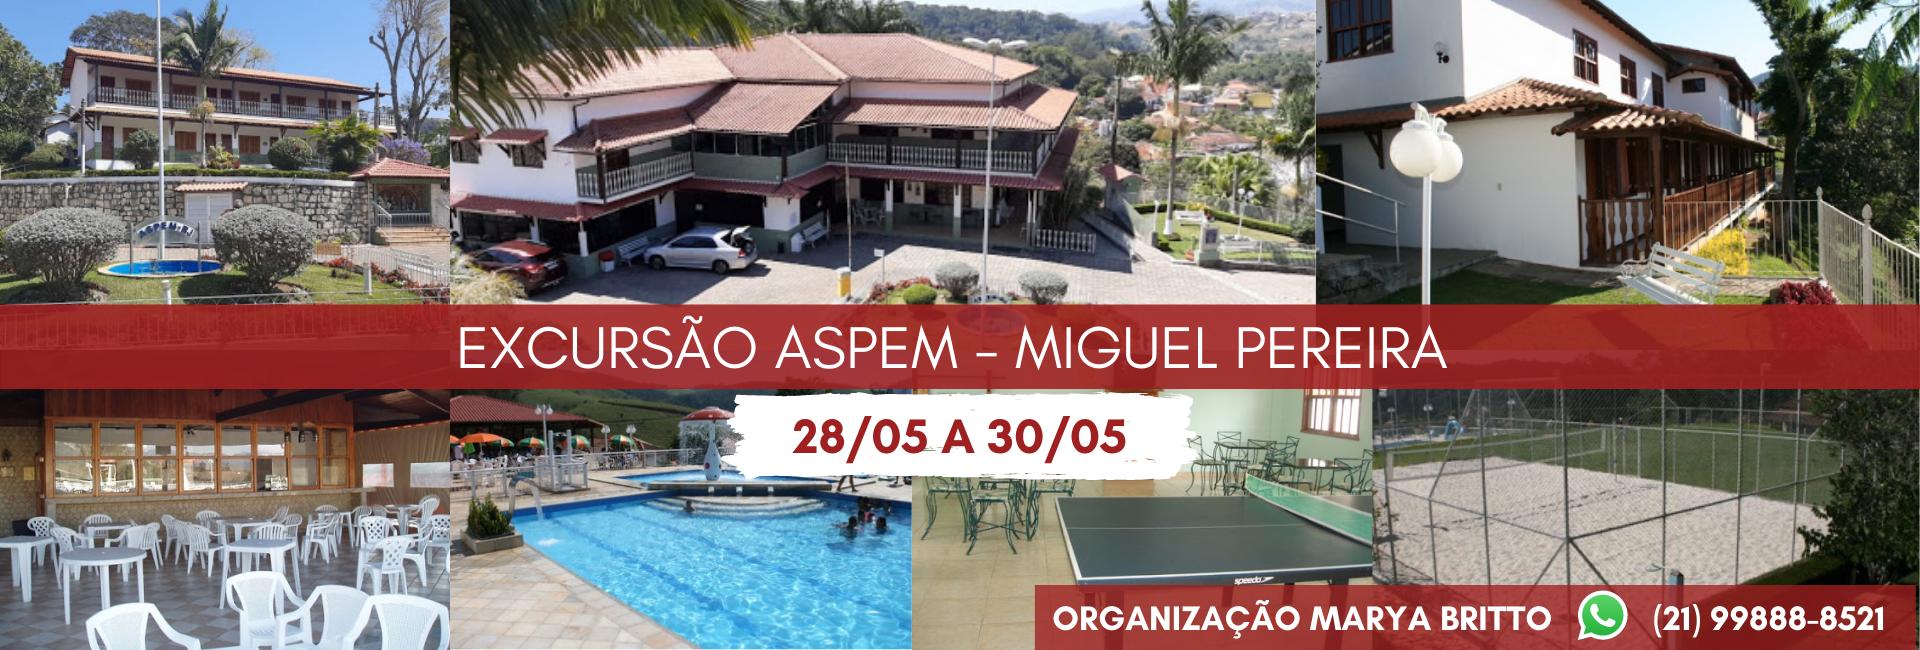 Excursão ASPEM – Miguel Pereira